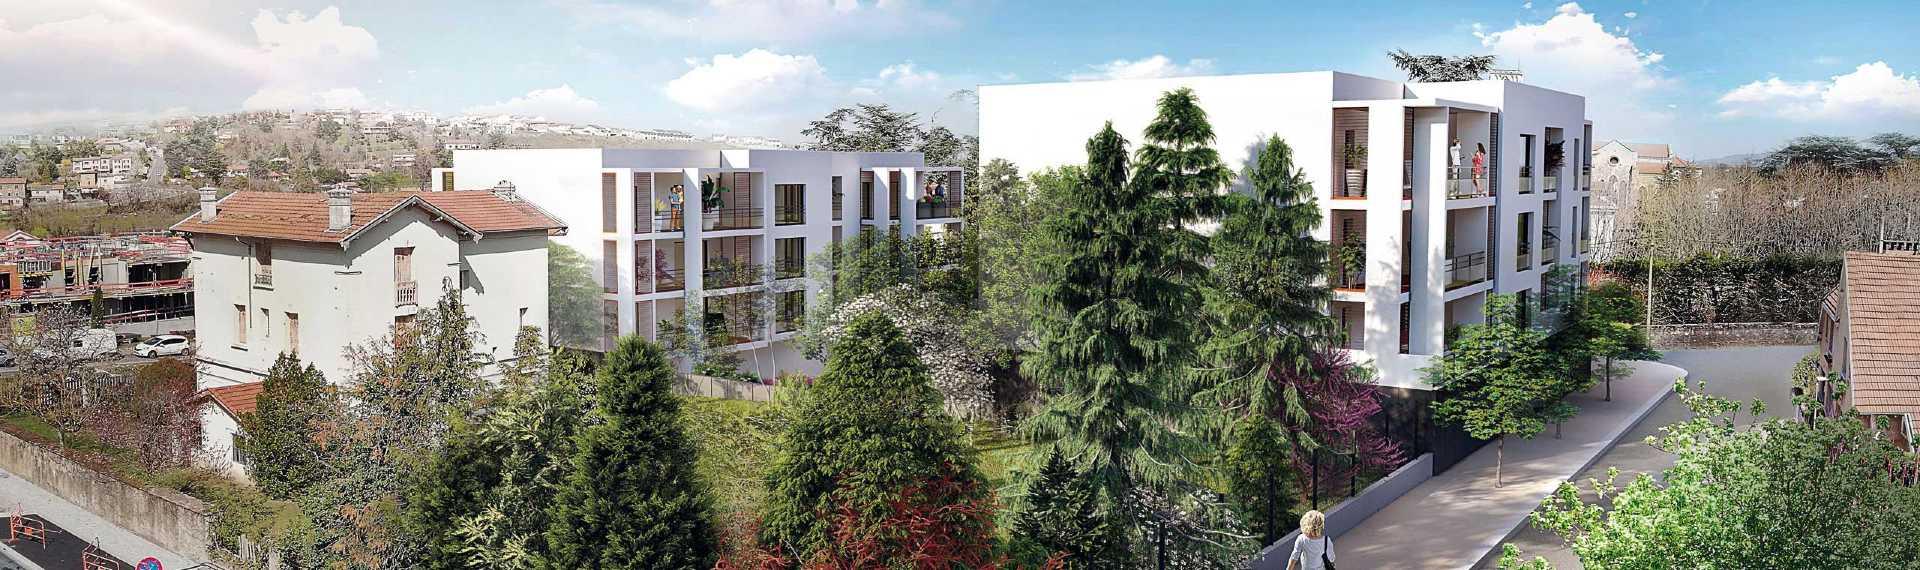 L'Horme - Villa Bellevue